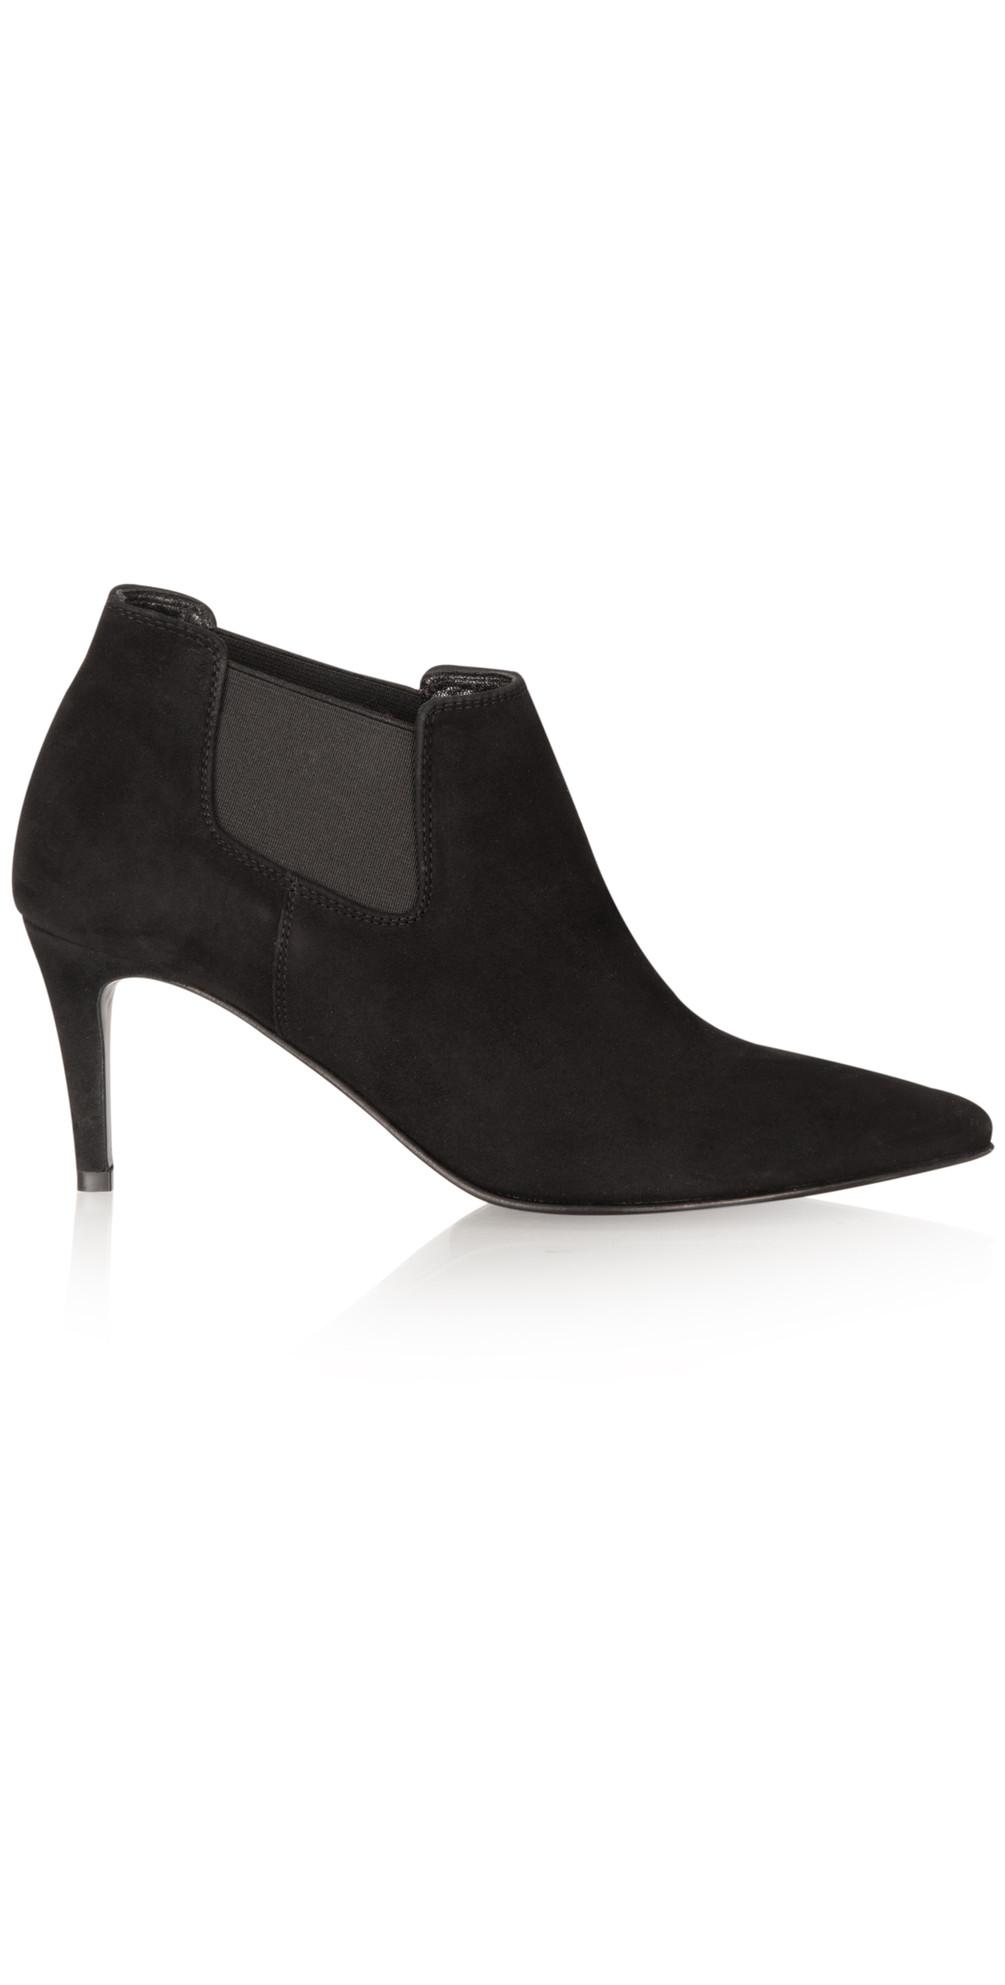 Ankle Boots Kitten Heel